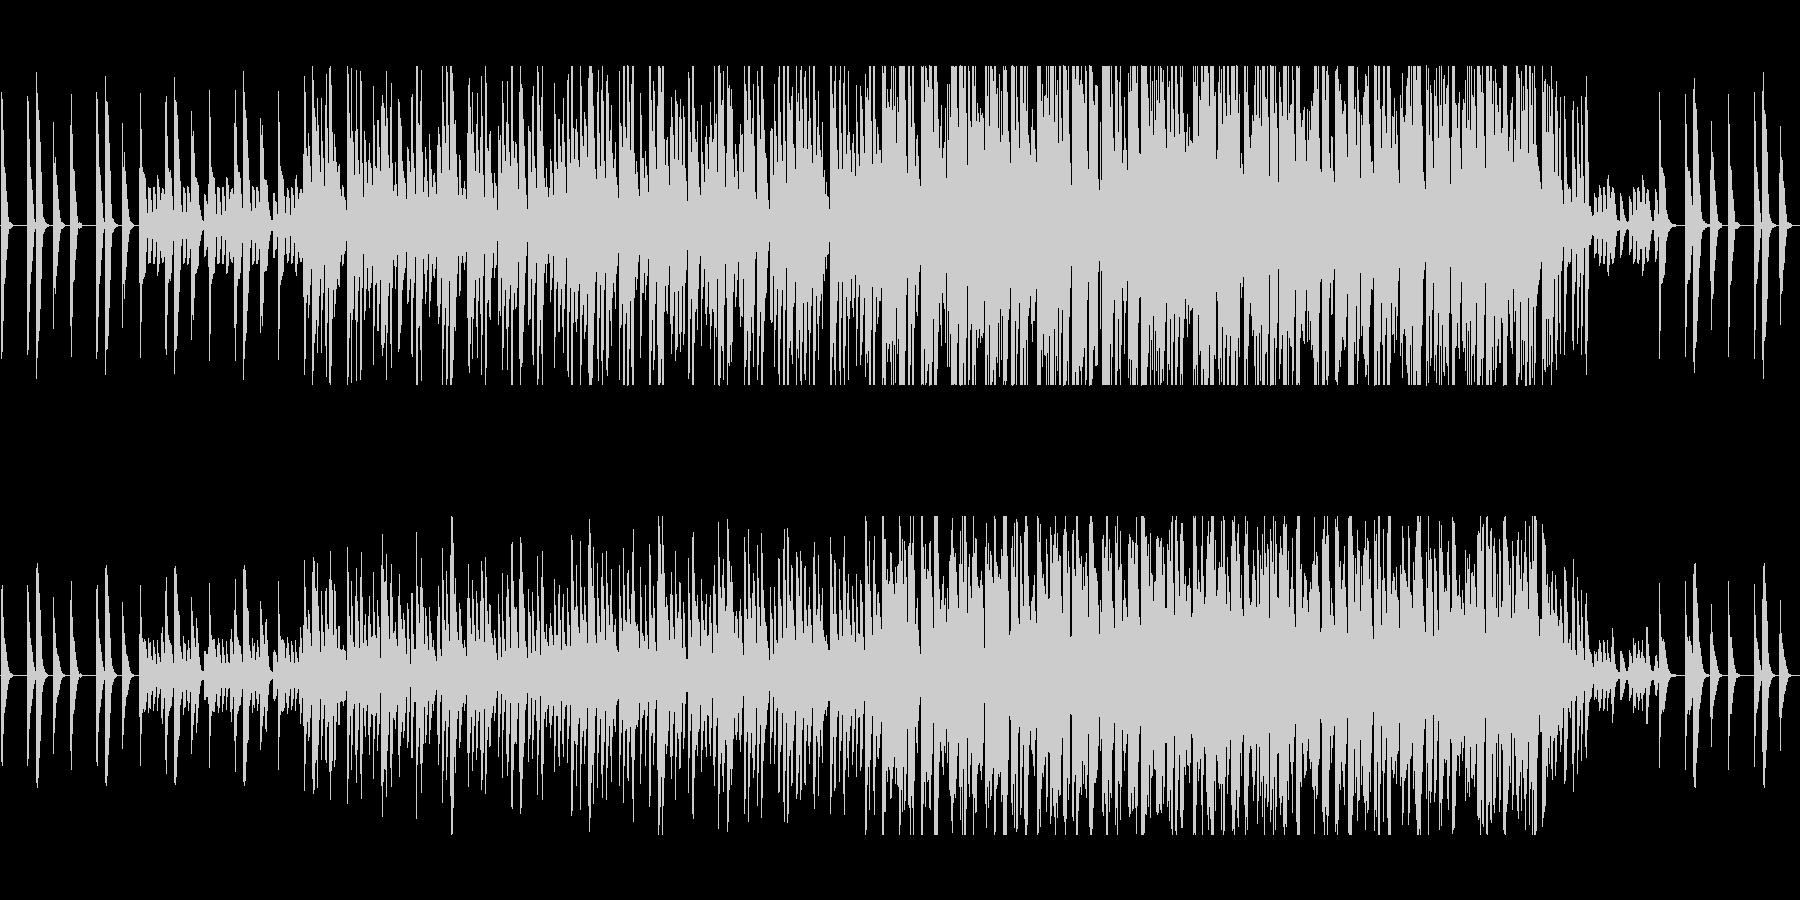 ふわふわした不思議なリズムピアノの曲の未再生の波形